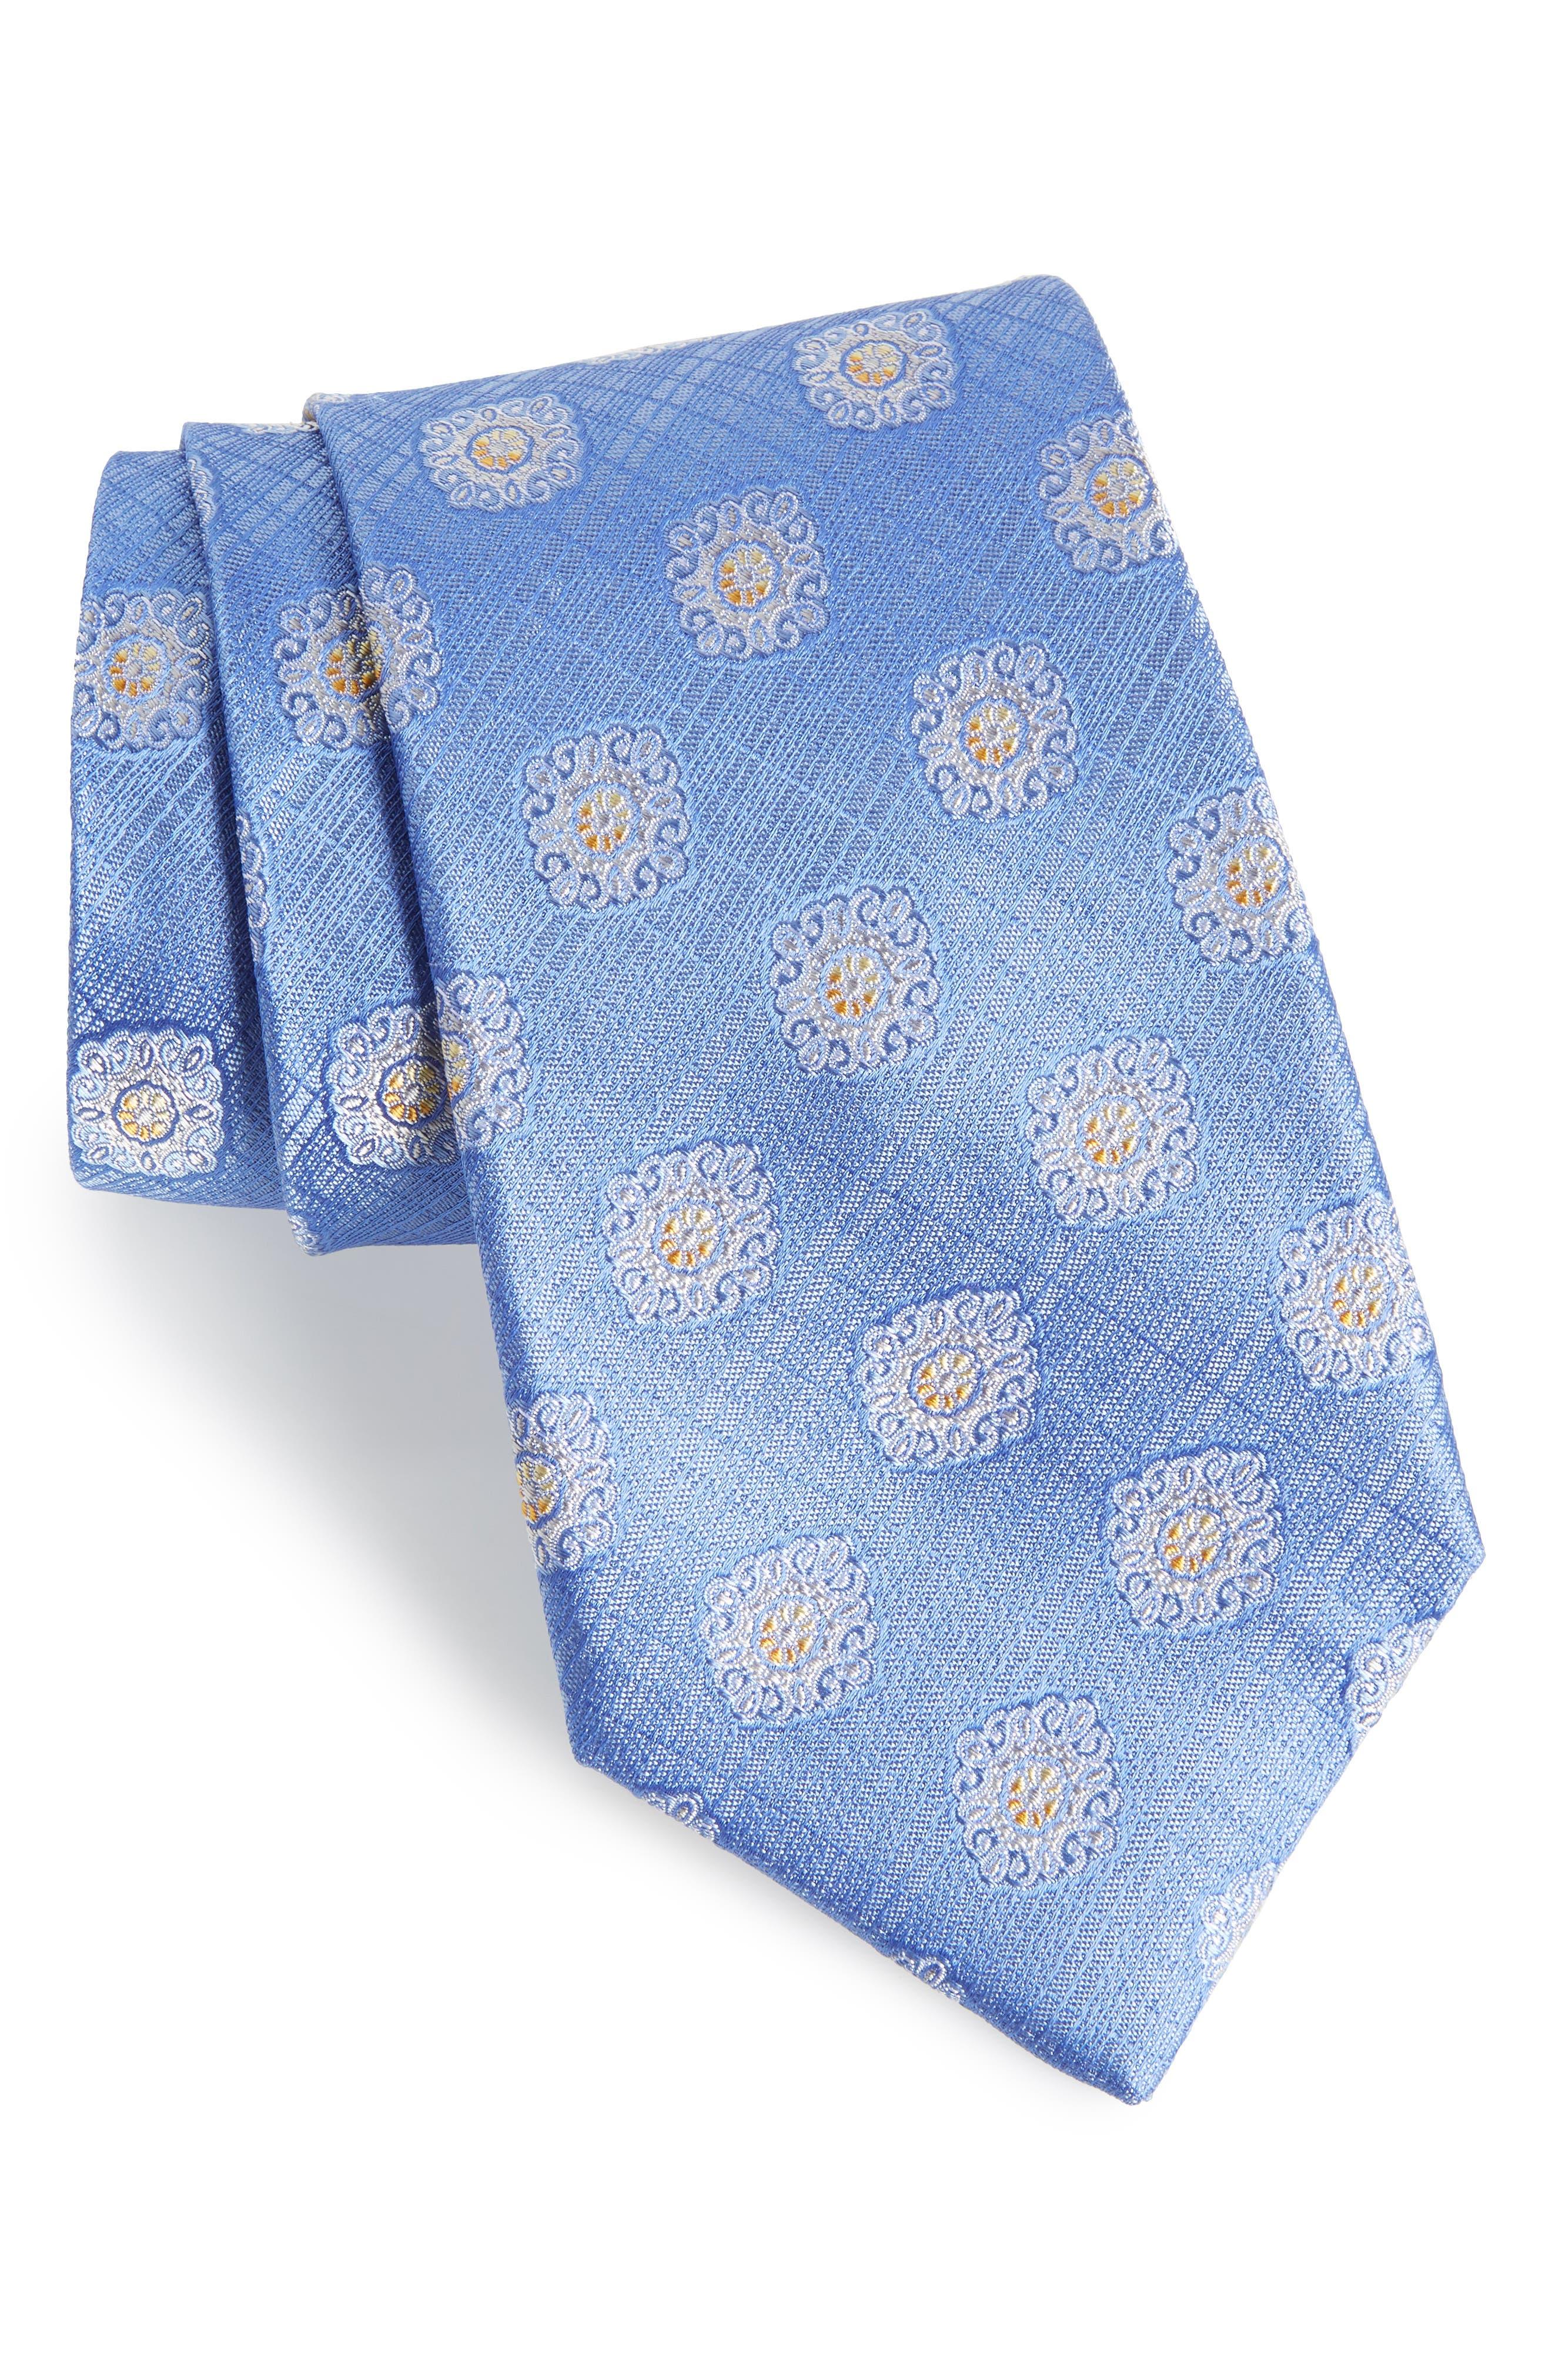 Armas Medallion Silk Tie,                         Main,                         color, Blue